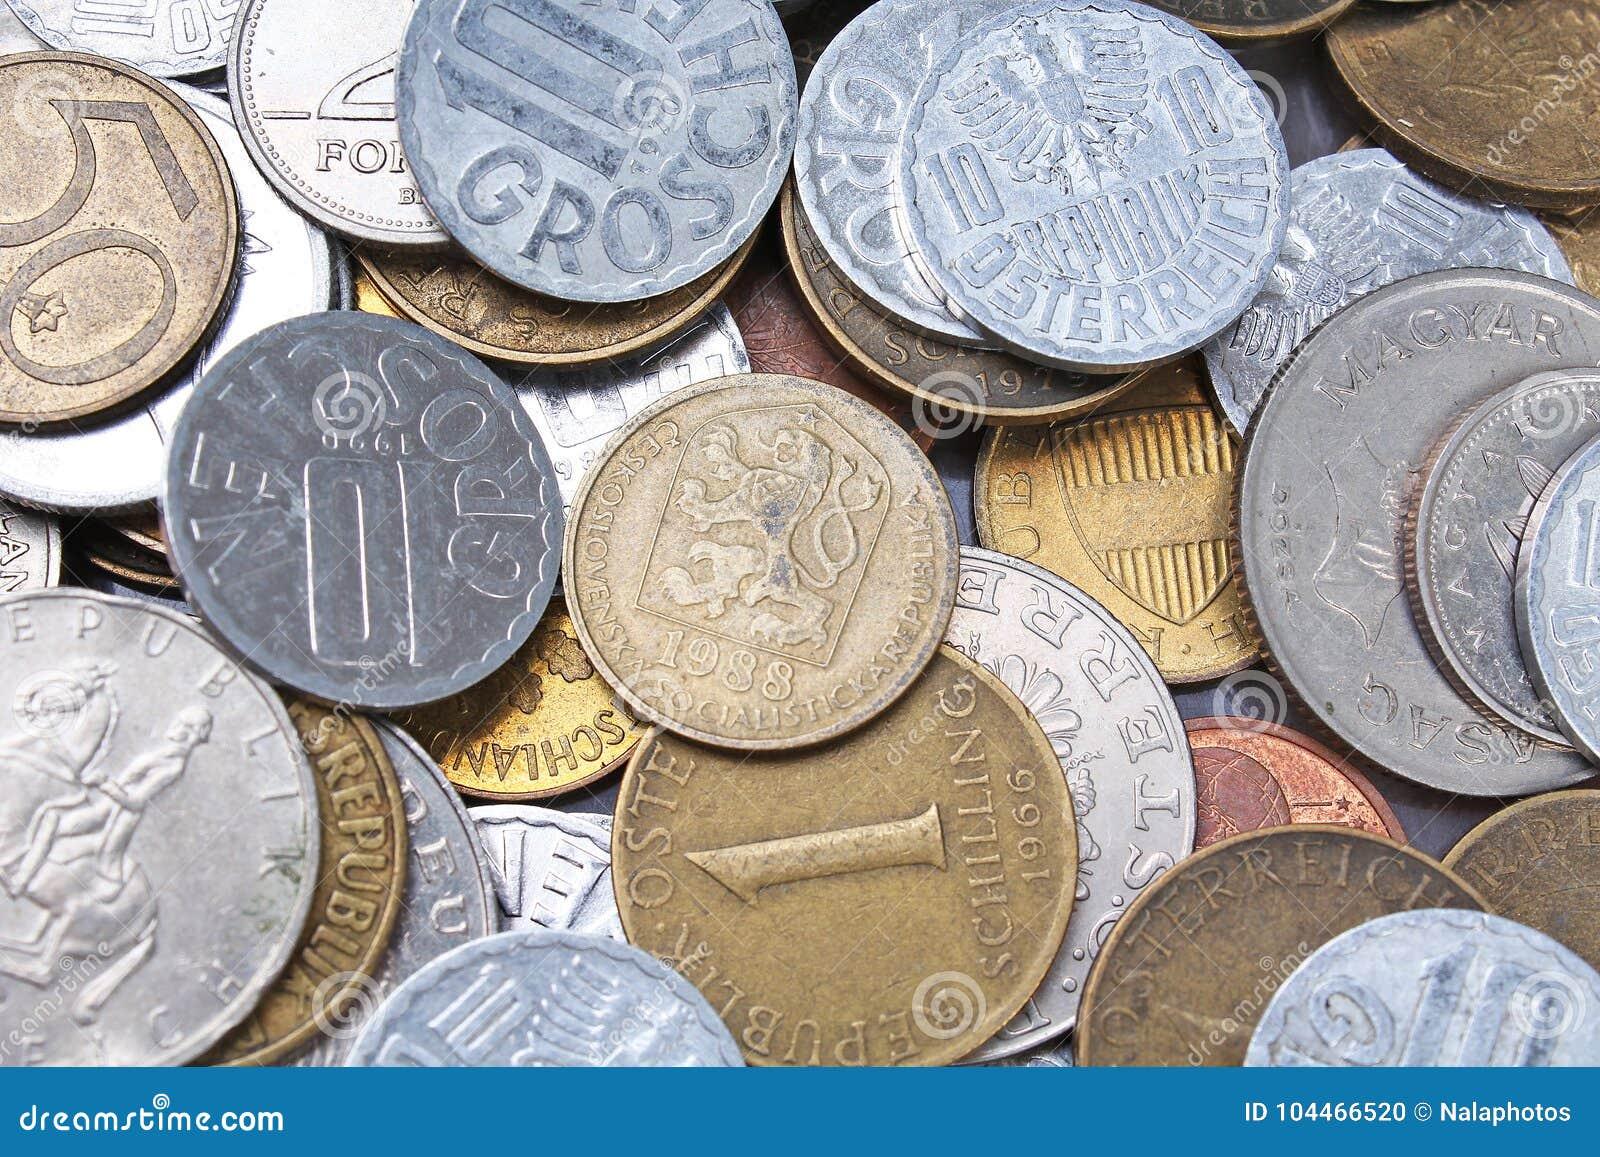 Alte ungültige Münzen von Europa Geschichte prägt Beschaffenheitsmuster Geld-Münzenhintergrund Füller Schillings-Groschen-Pfennig